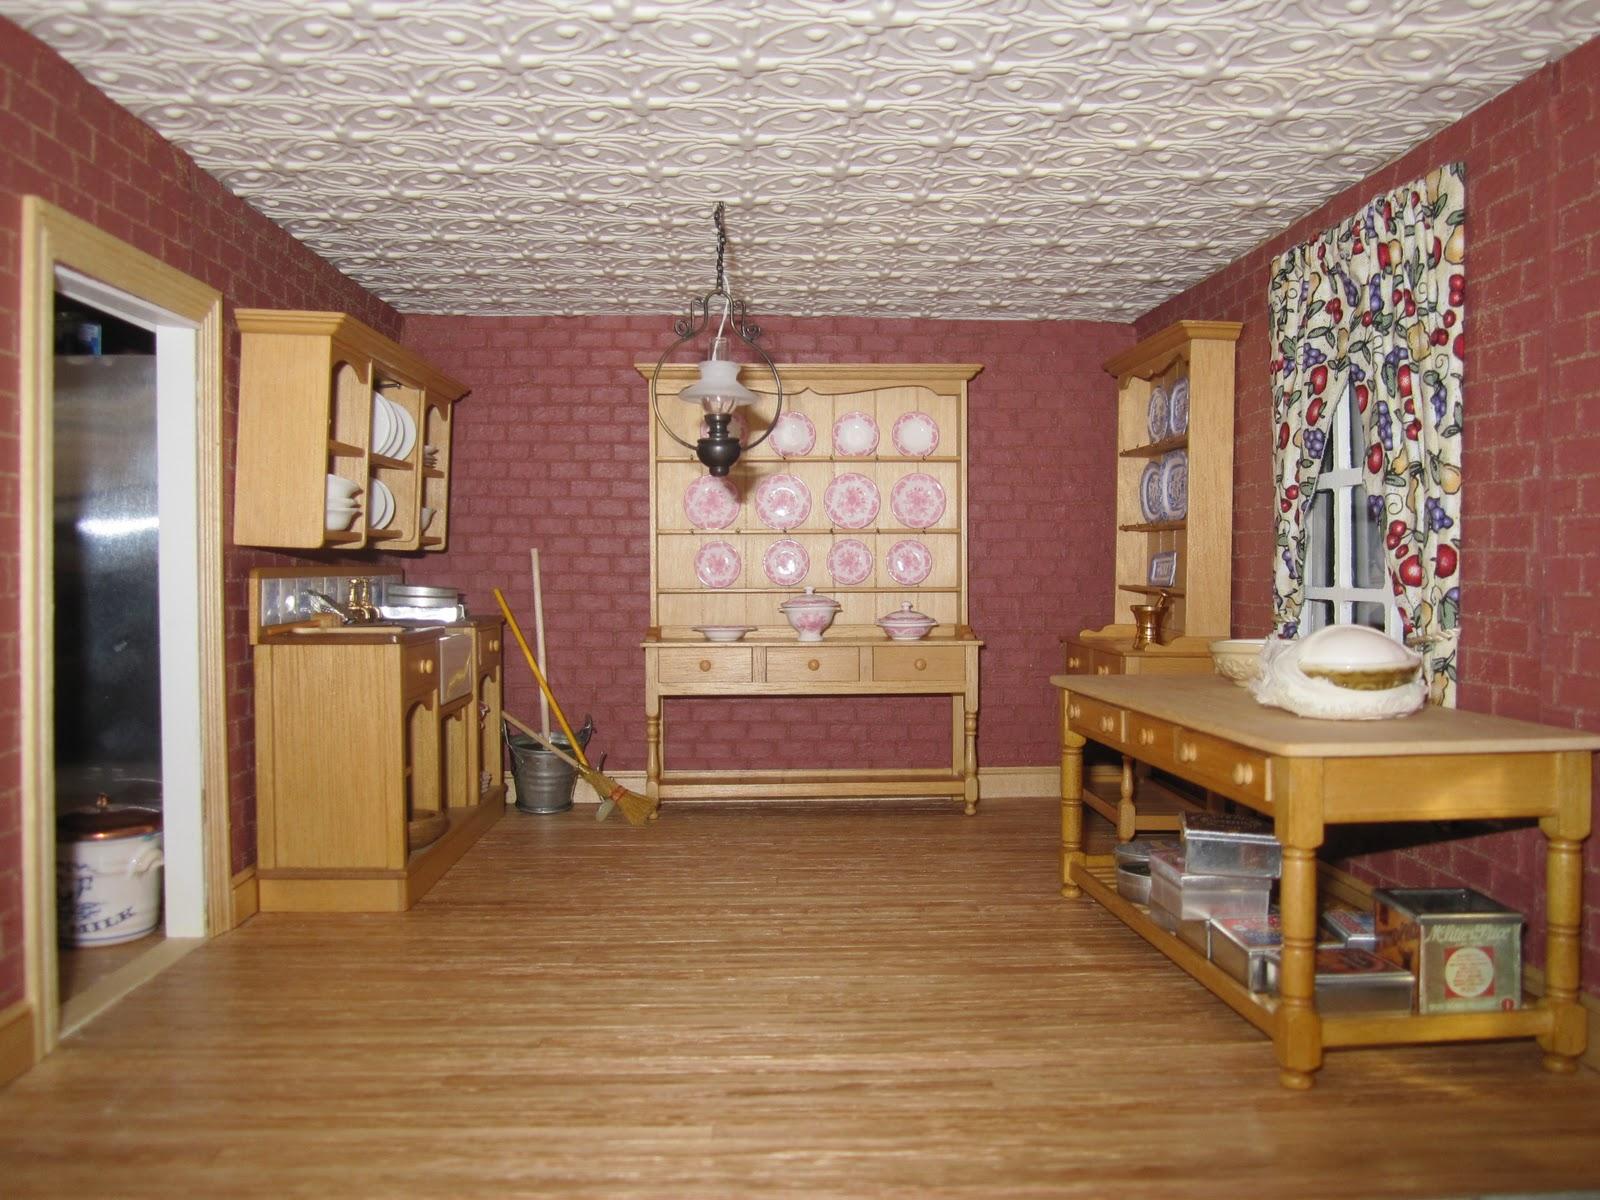 http://4.bp.blogspot.com/-ykJJDkz6Xzg/TZESMRhYydI/AAAAAAAABBI/qwEW1dtnncA/s1600/Tea+Shop+Shop+32511+230.jpg